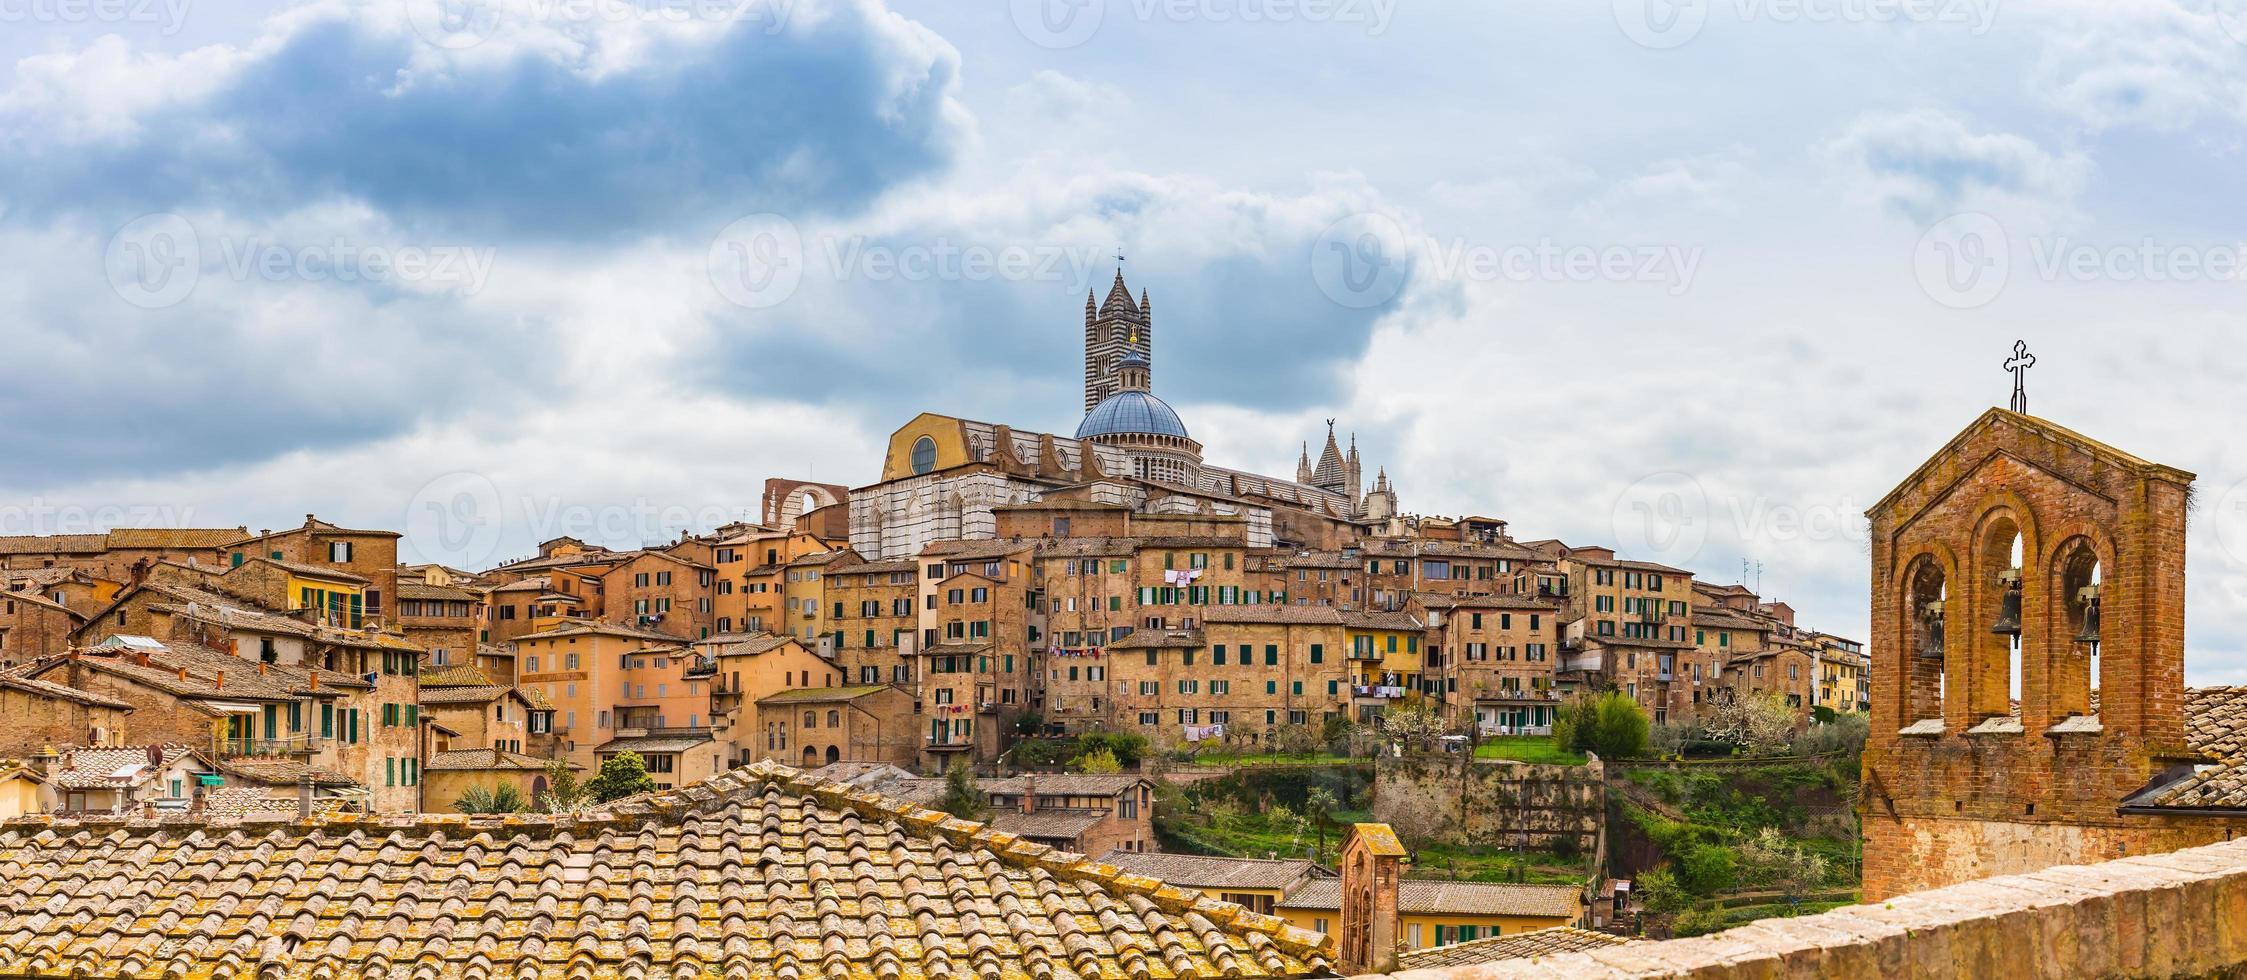 panoramautsikt över Siena i södra Toscana, Italien foto